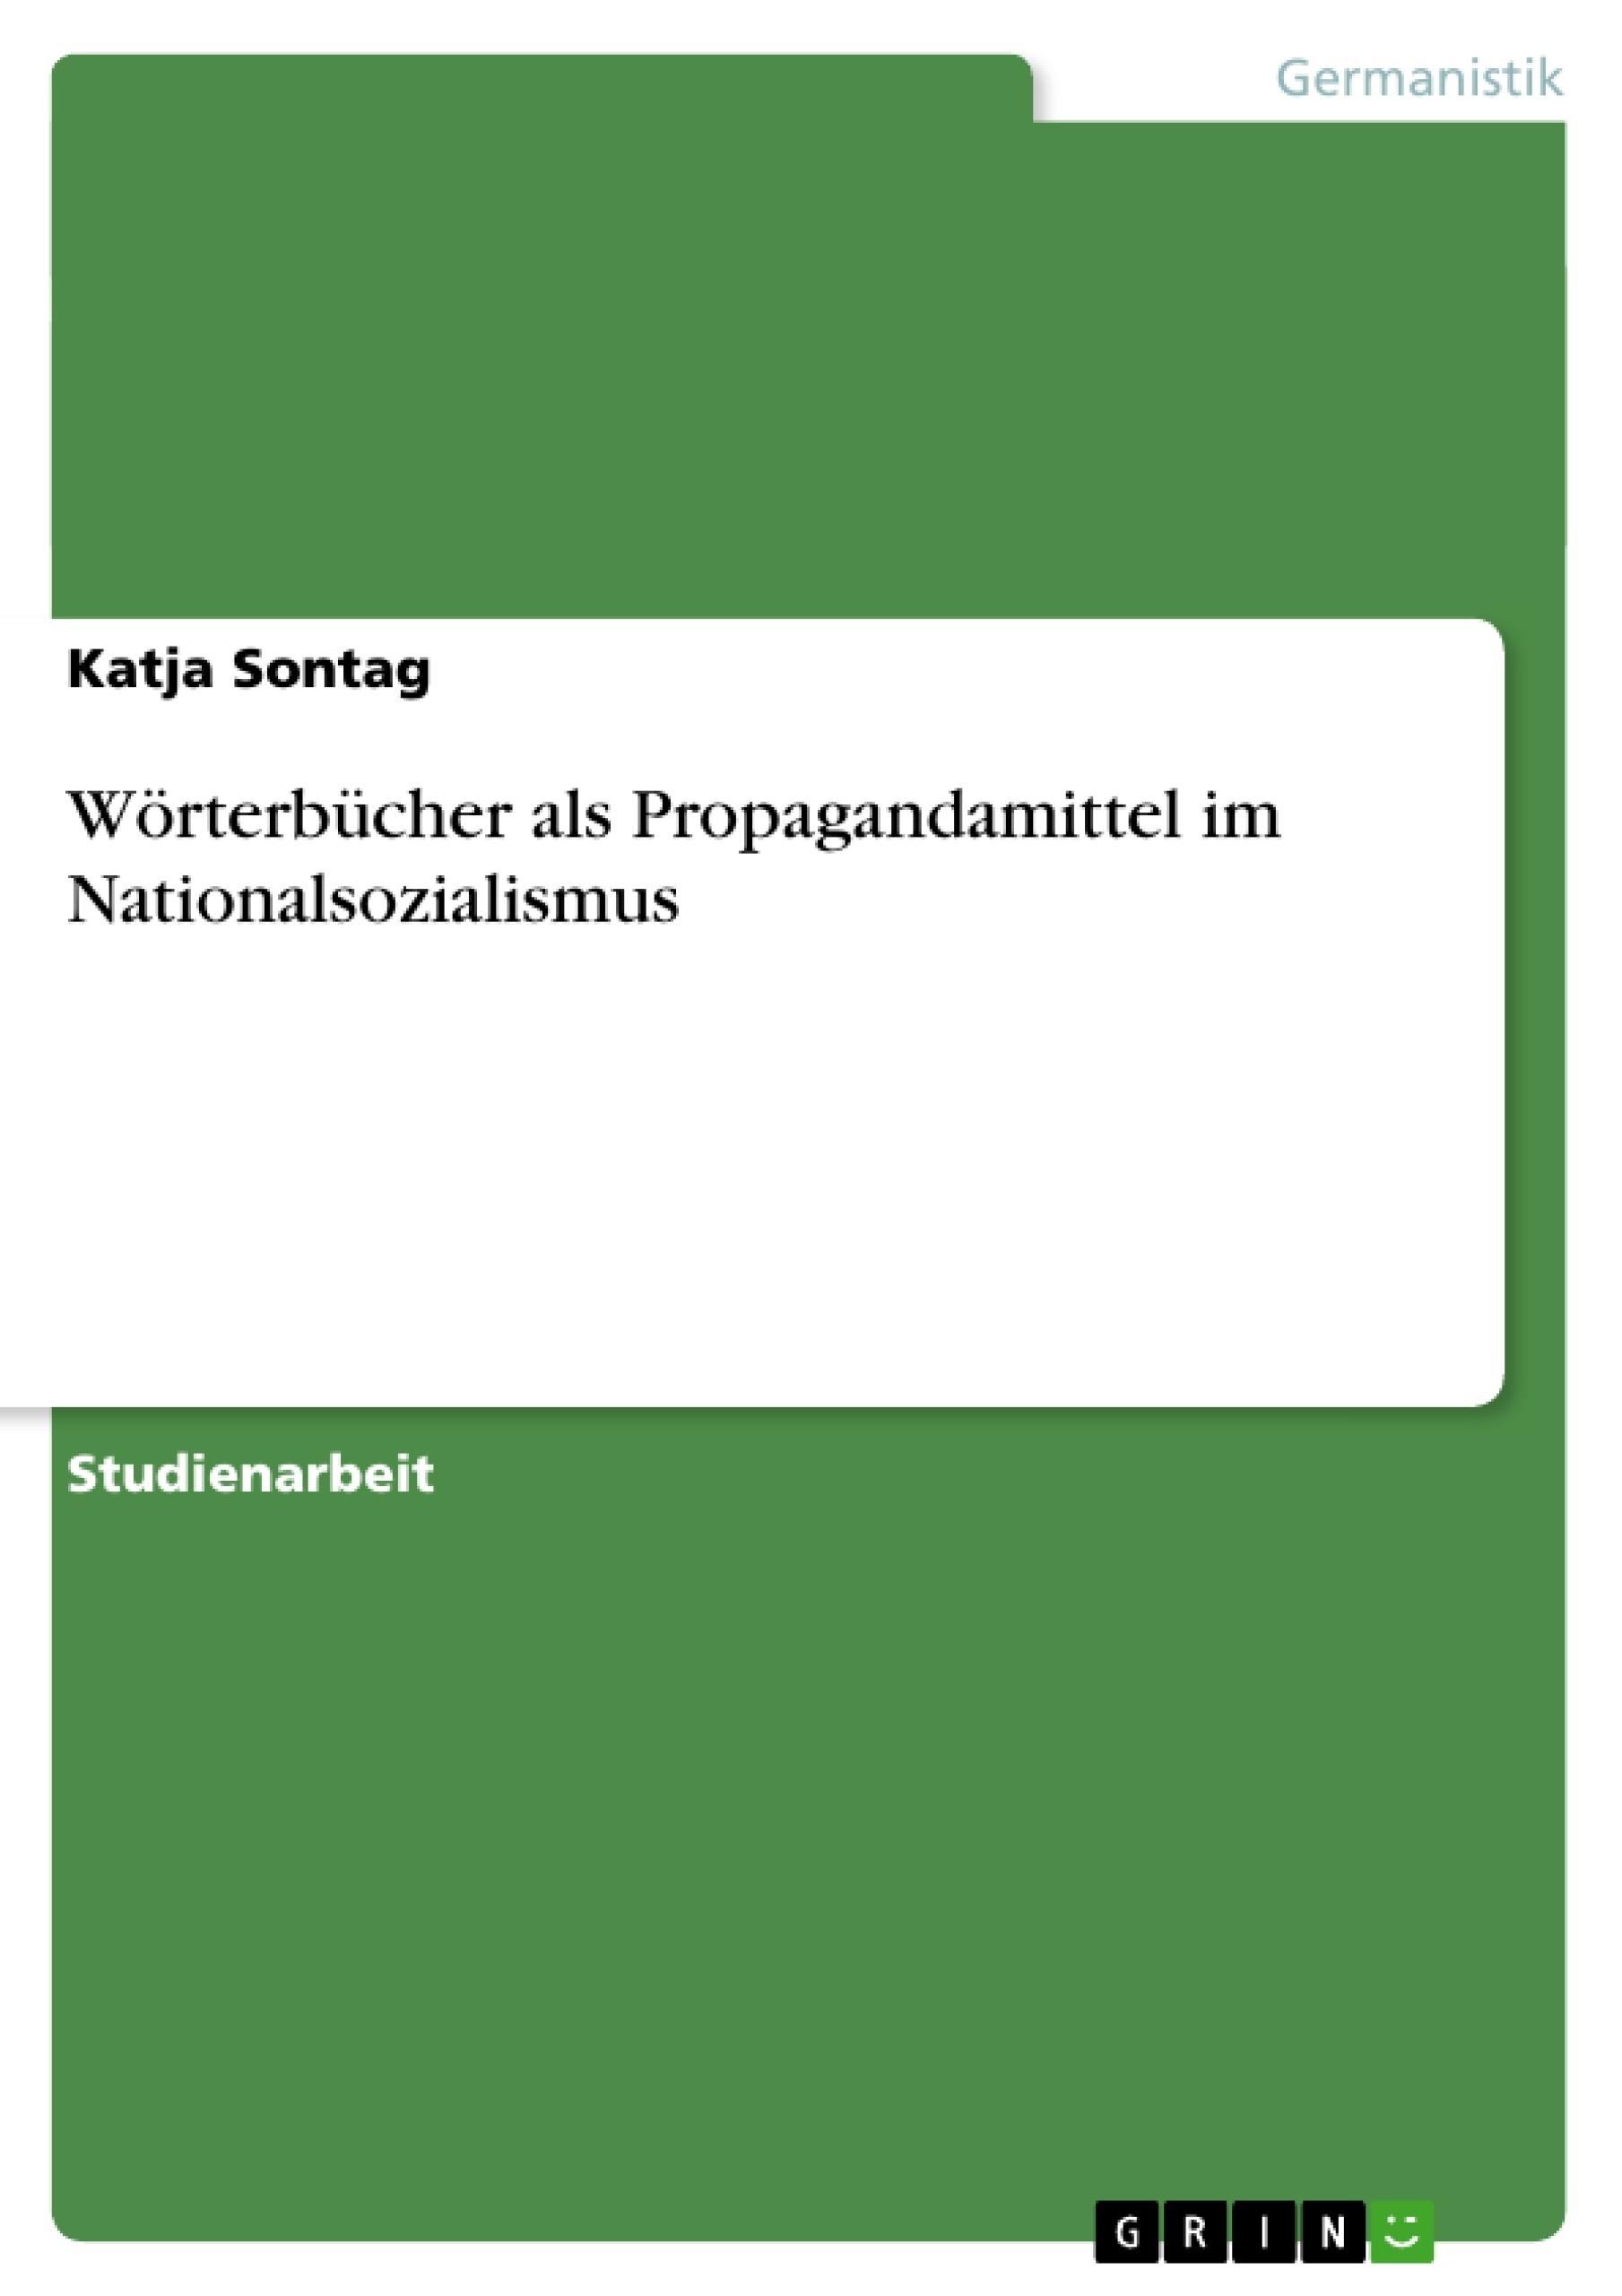 Titel: Wörterbücher als Propagandamittel im Nationalsozialismus